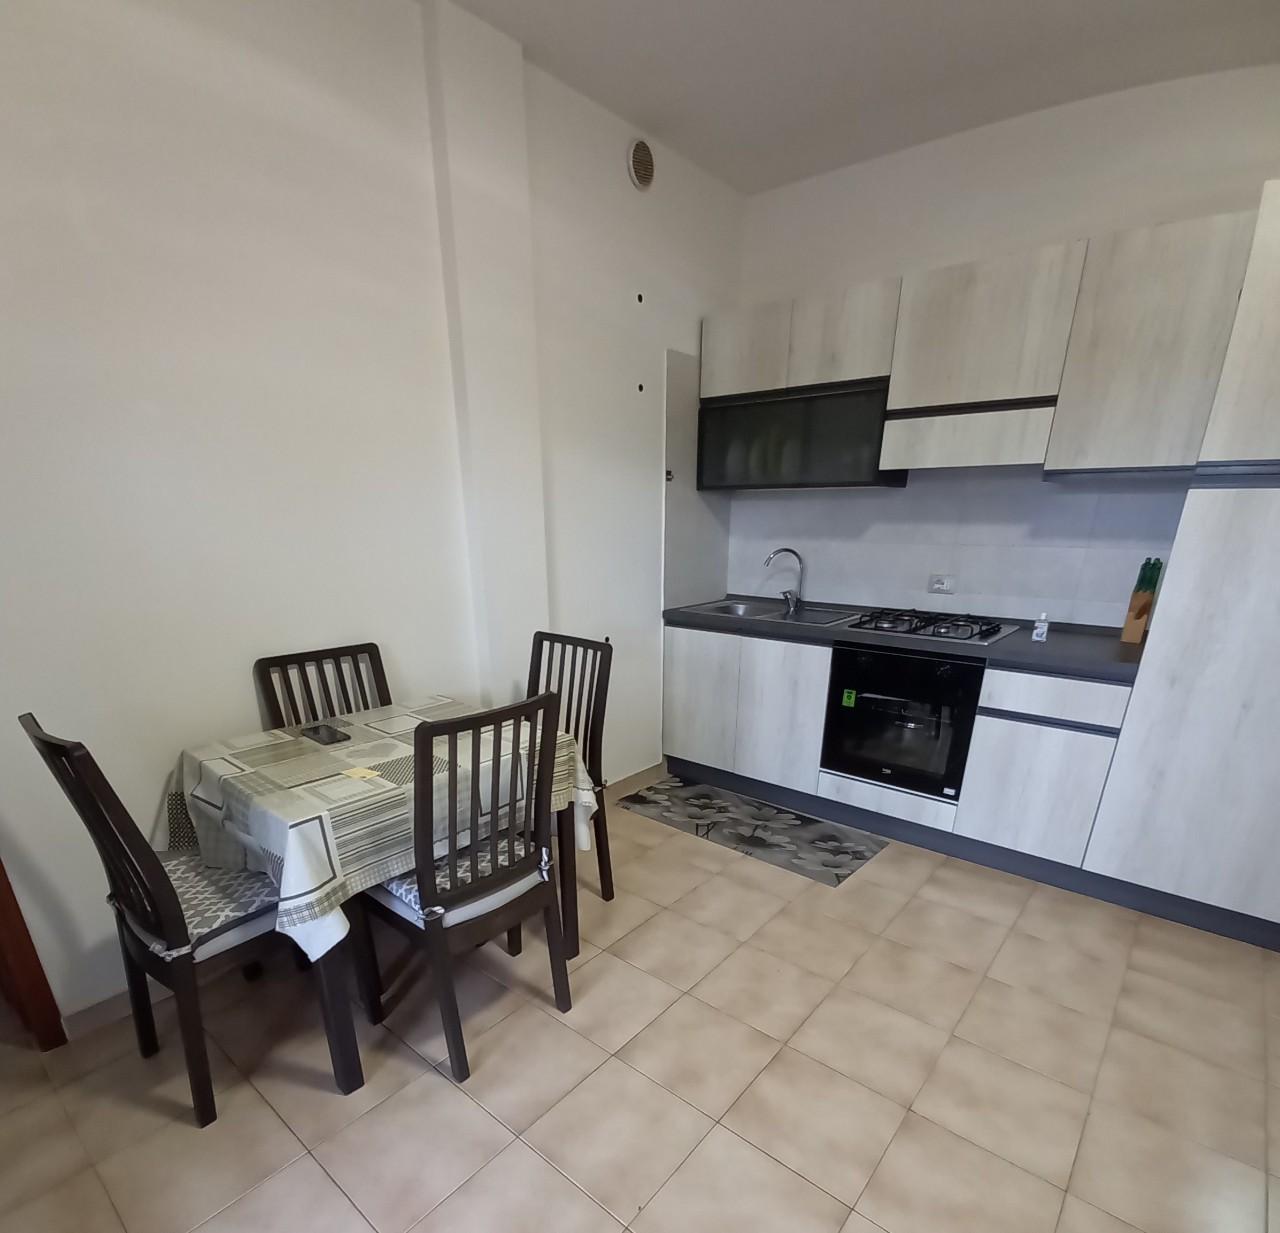 Appartamento in vendita Reggio Emilia Zona Gardenia